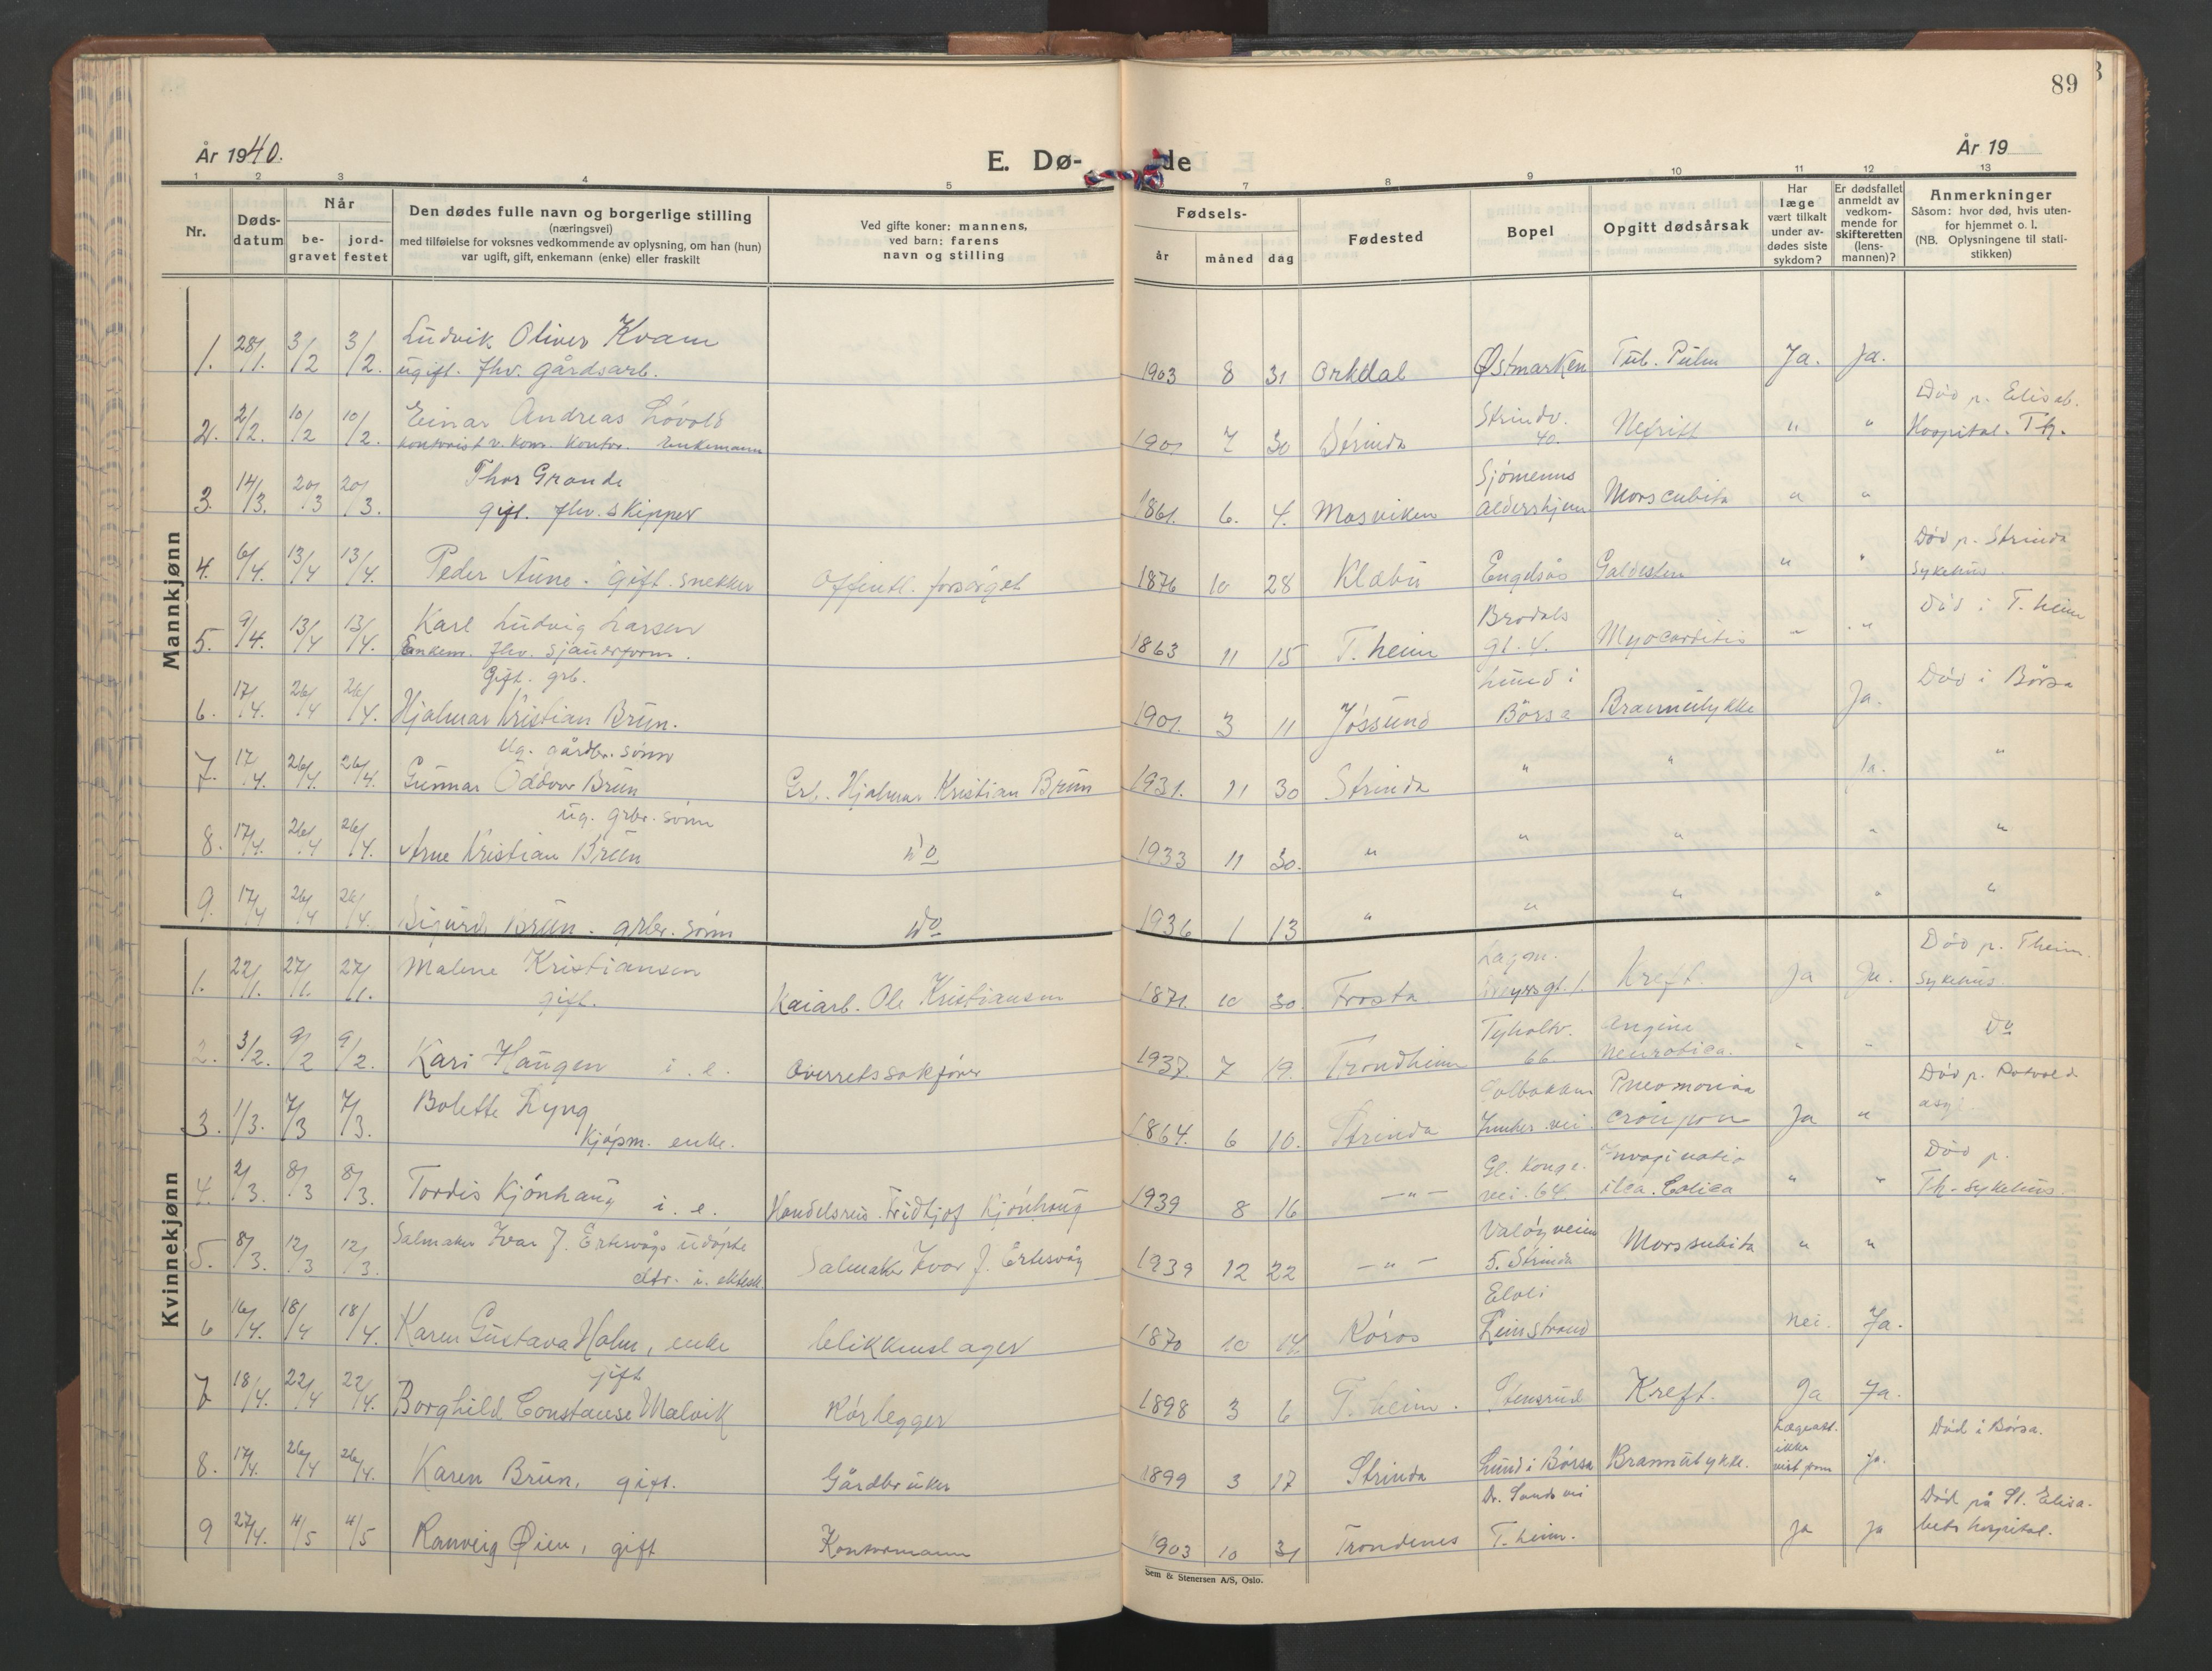 SAT, Ministerialprotokoller, klokkerbøker og fødselsregistre - Sør-Trøndelag, 606/L0315: Klokkerbok nr. 606C11, 1938-1947, s. 89